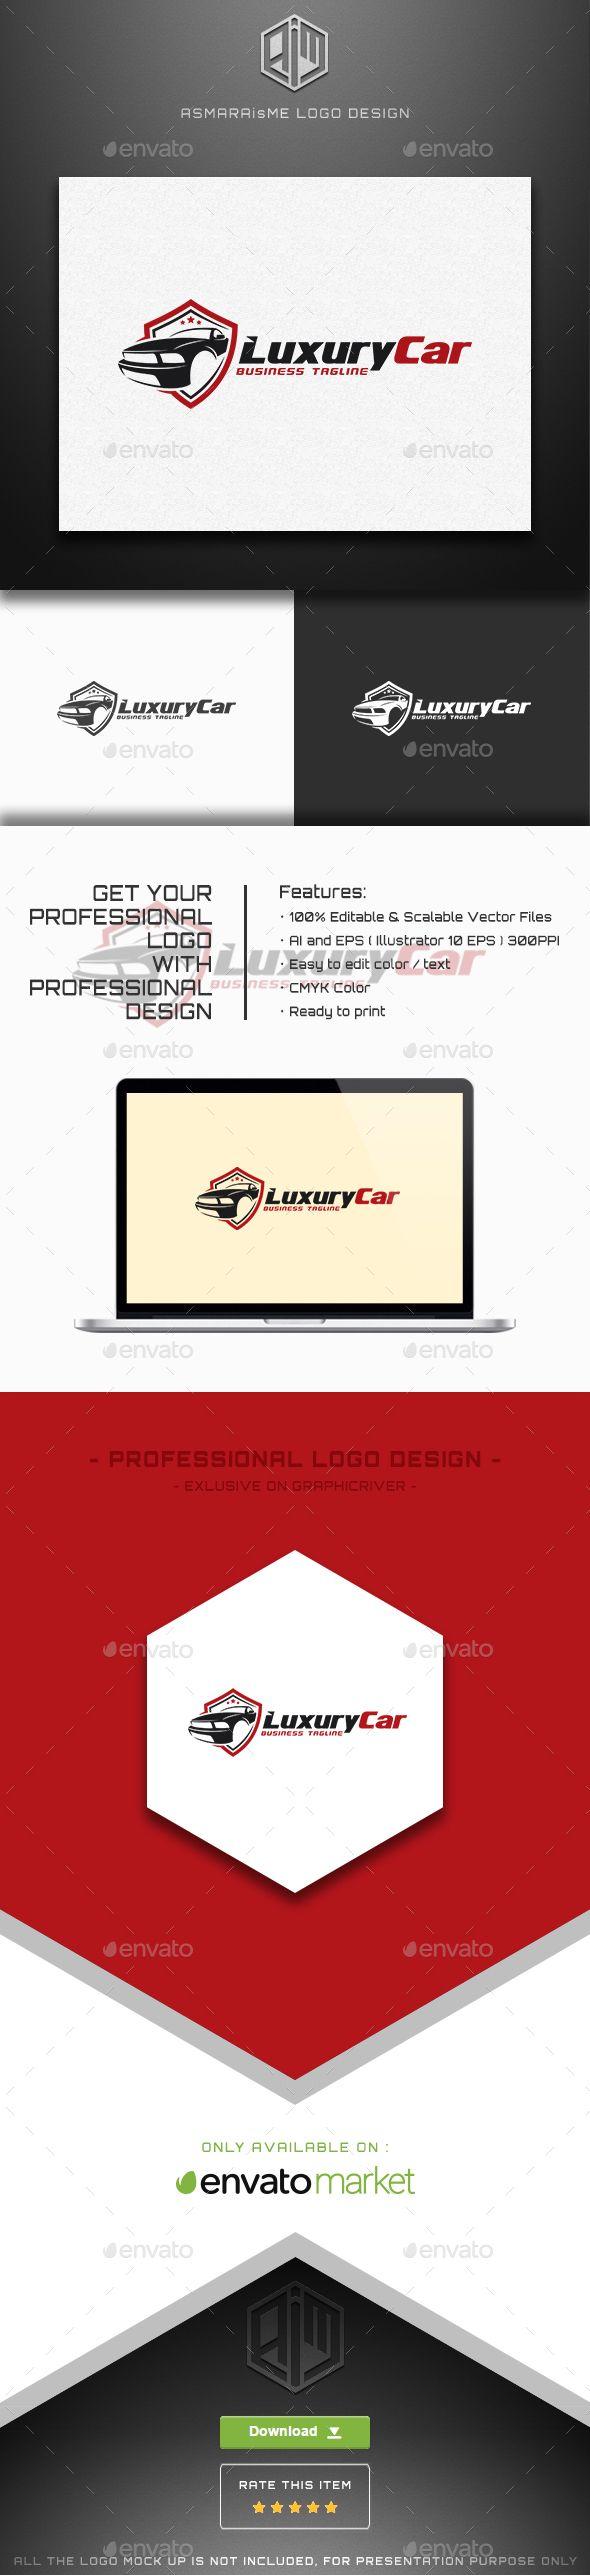 Car body sticker design eps - Luxury Car Logo